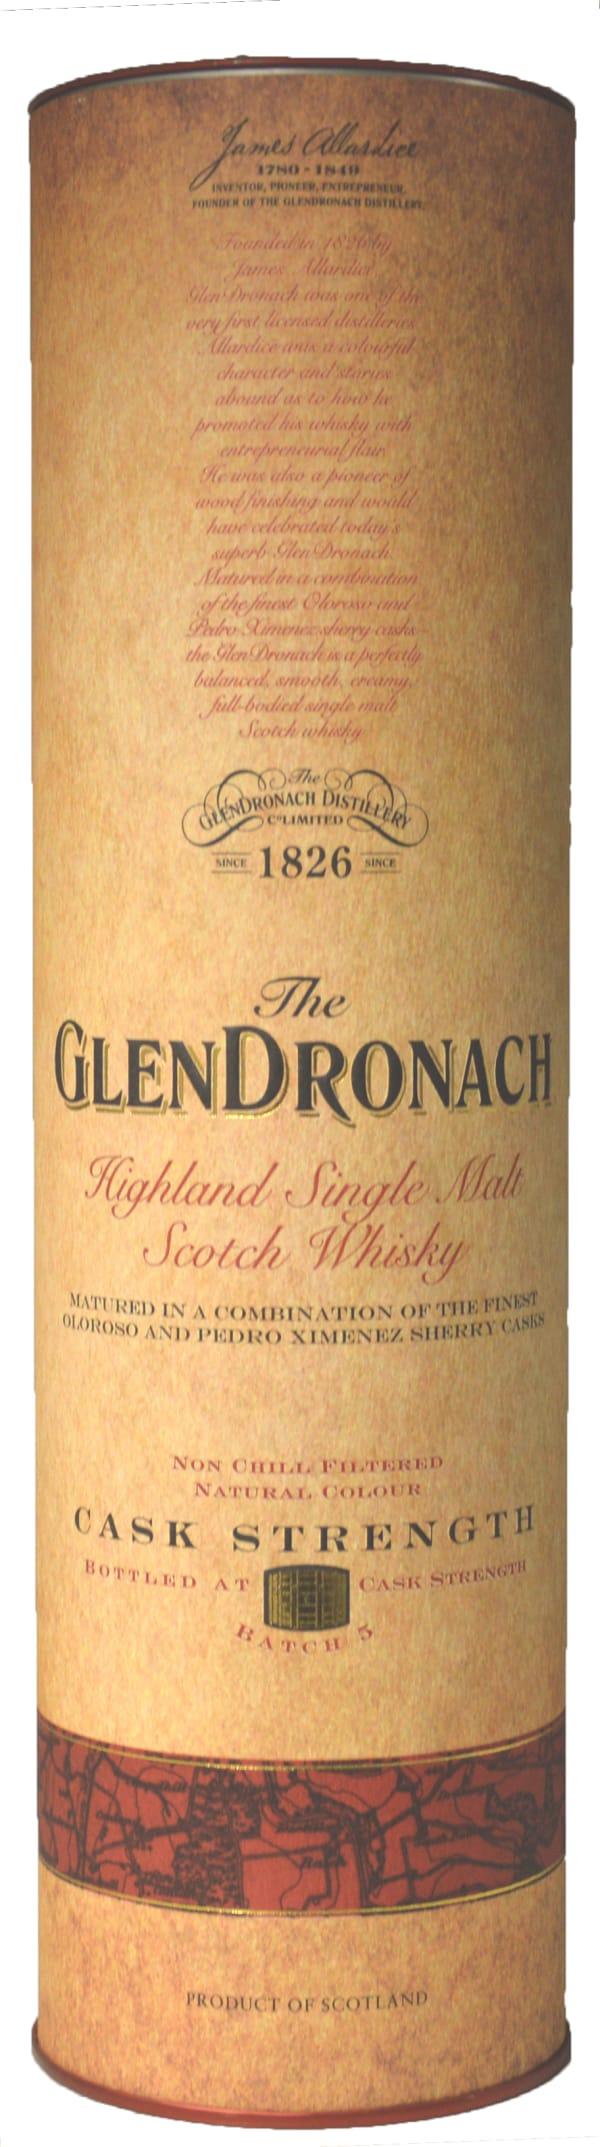 The GlenDronach Cask Strength Batch 5 Single Malt